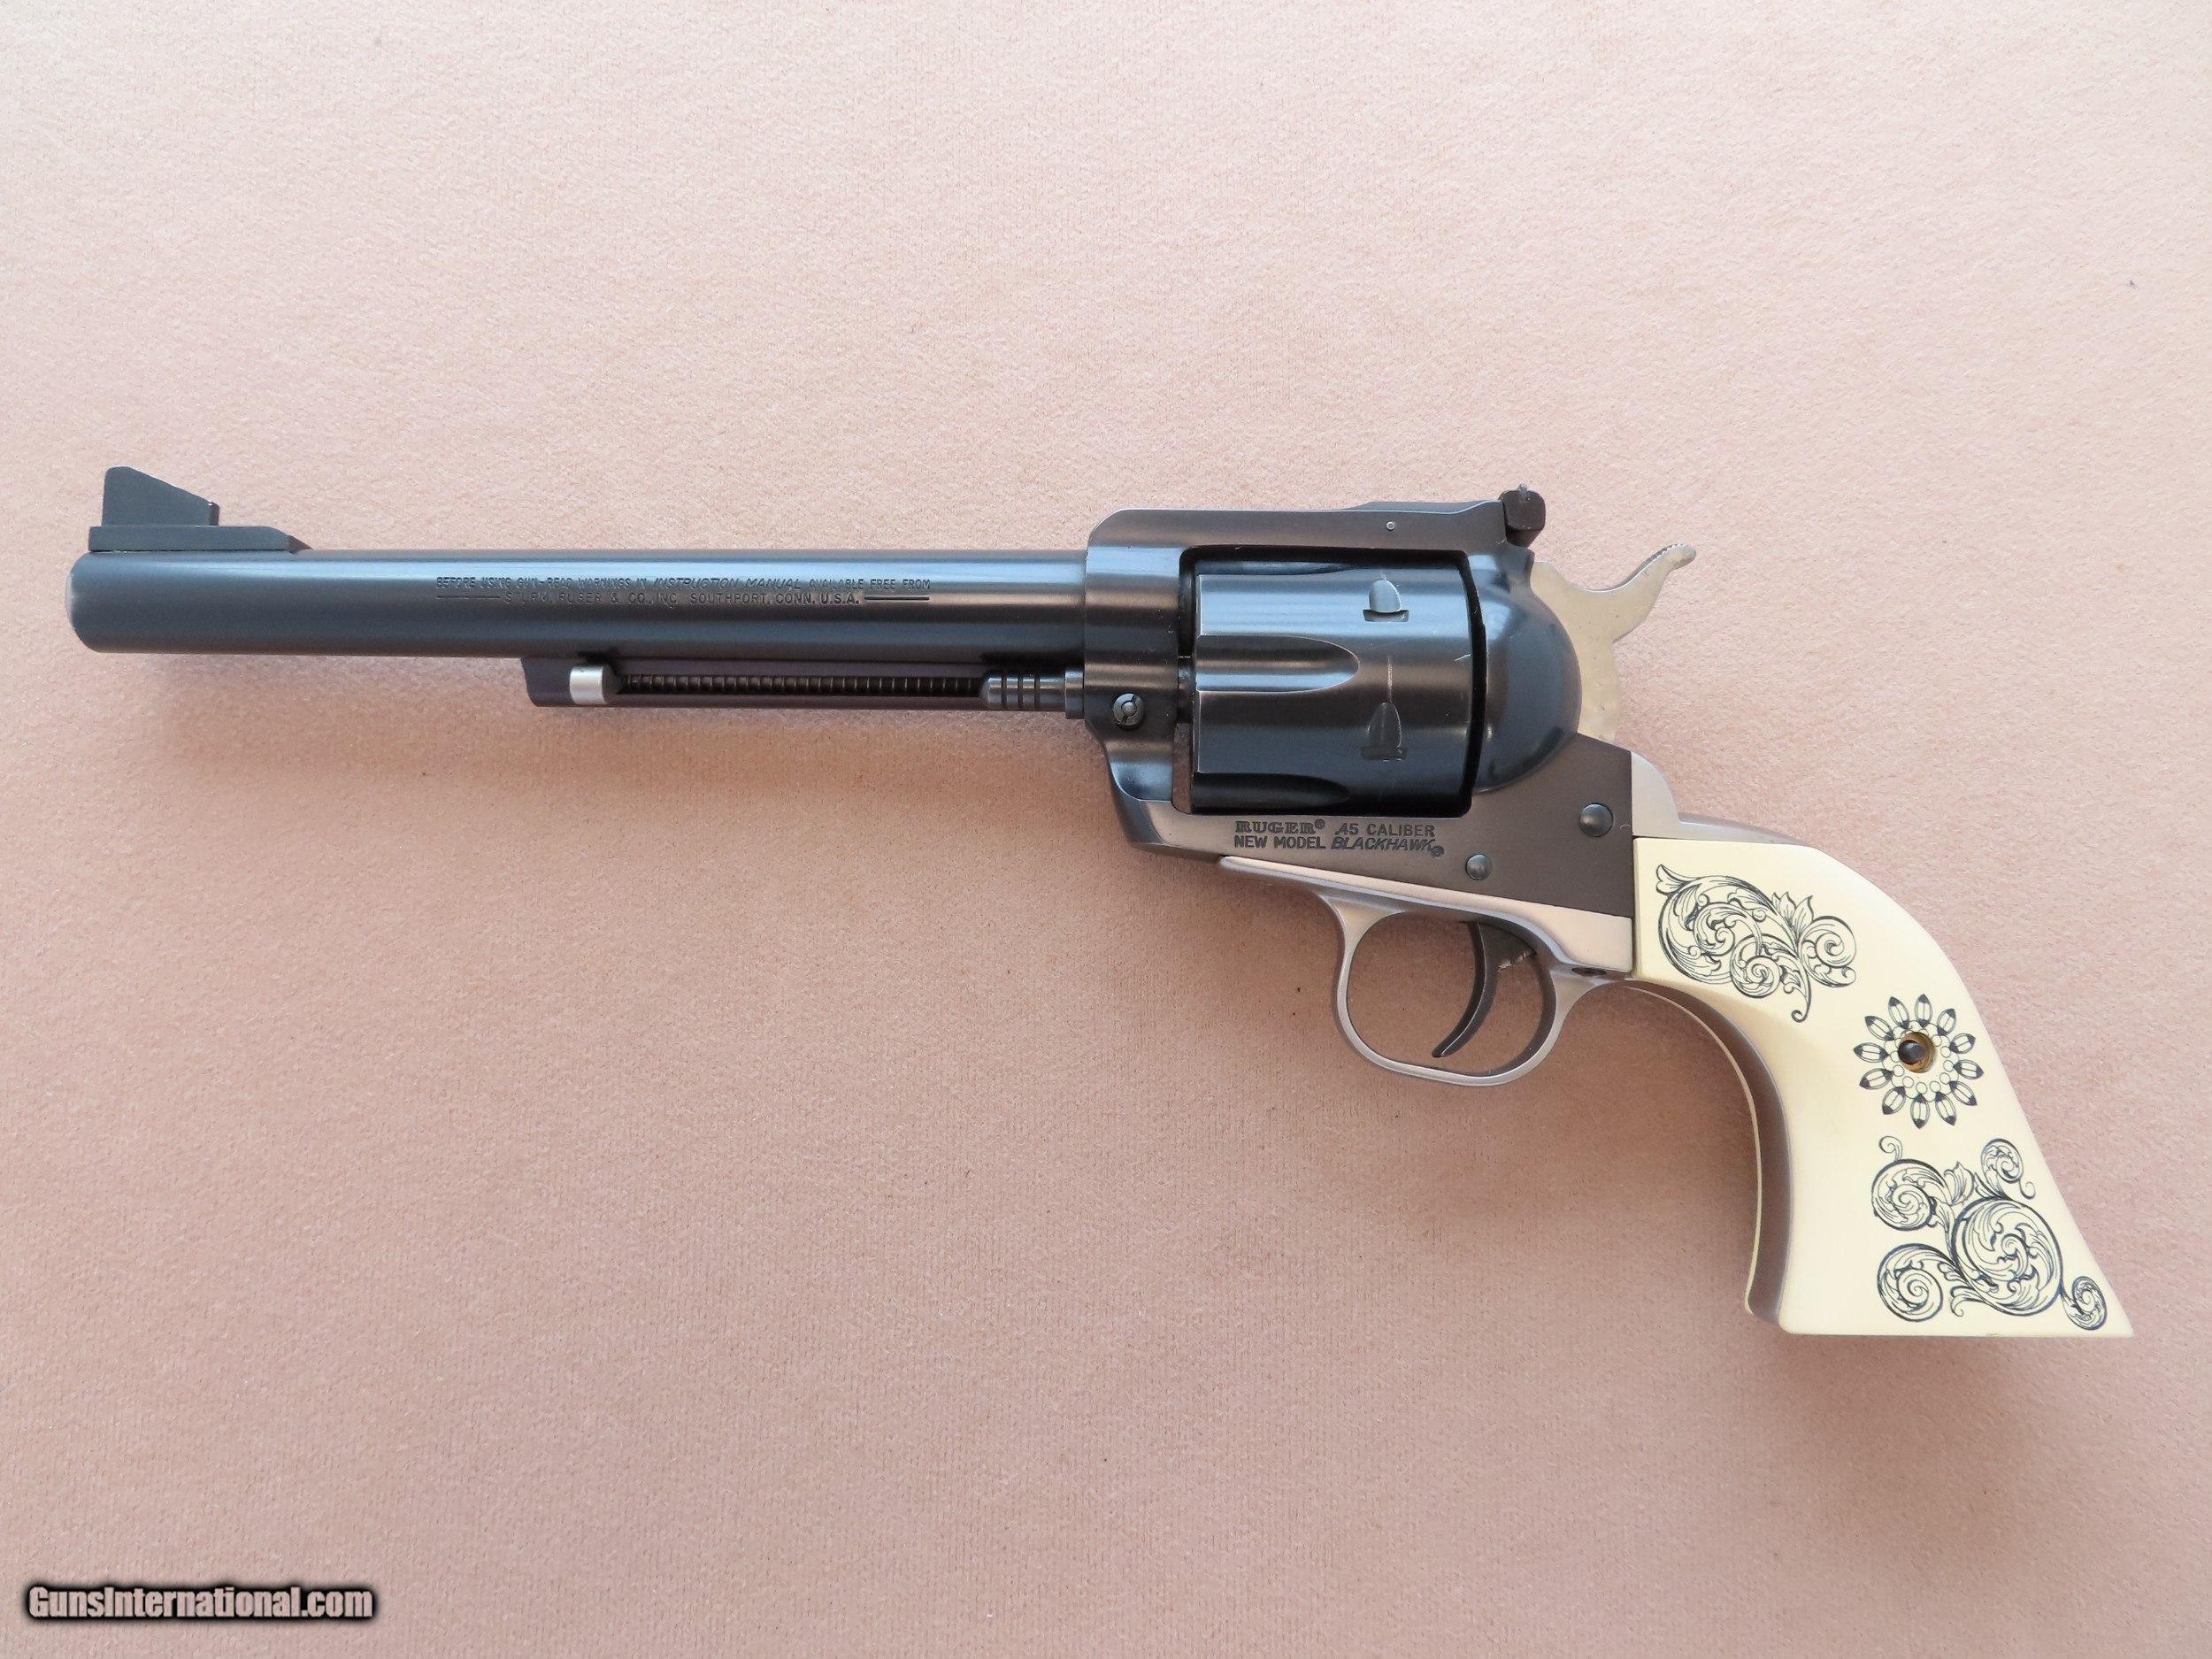 1981 Vintage Ruger New Model Blackhawk in  45 Colt w/ Polished Grip